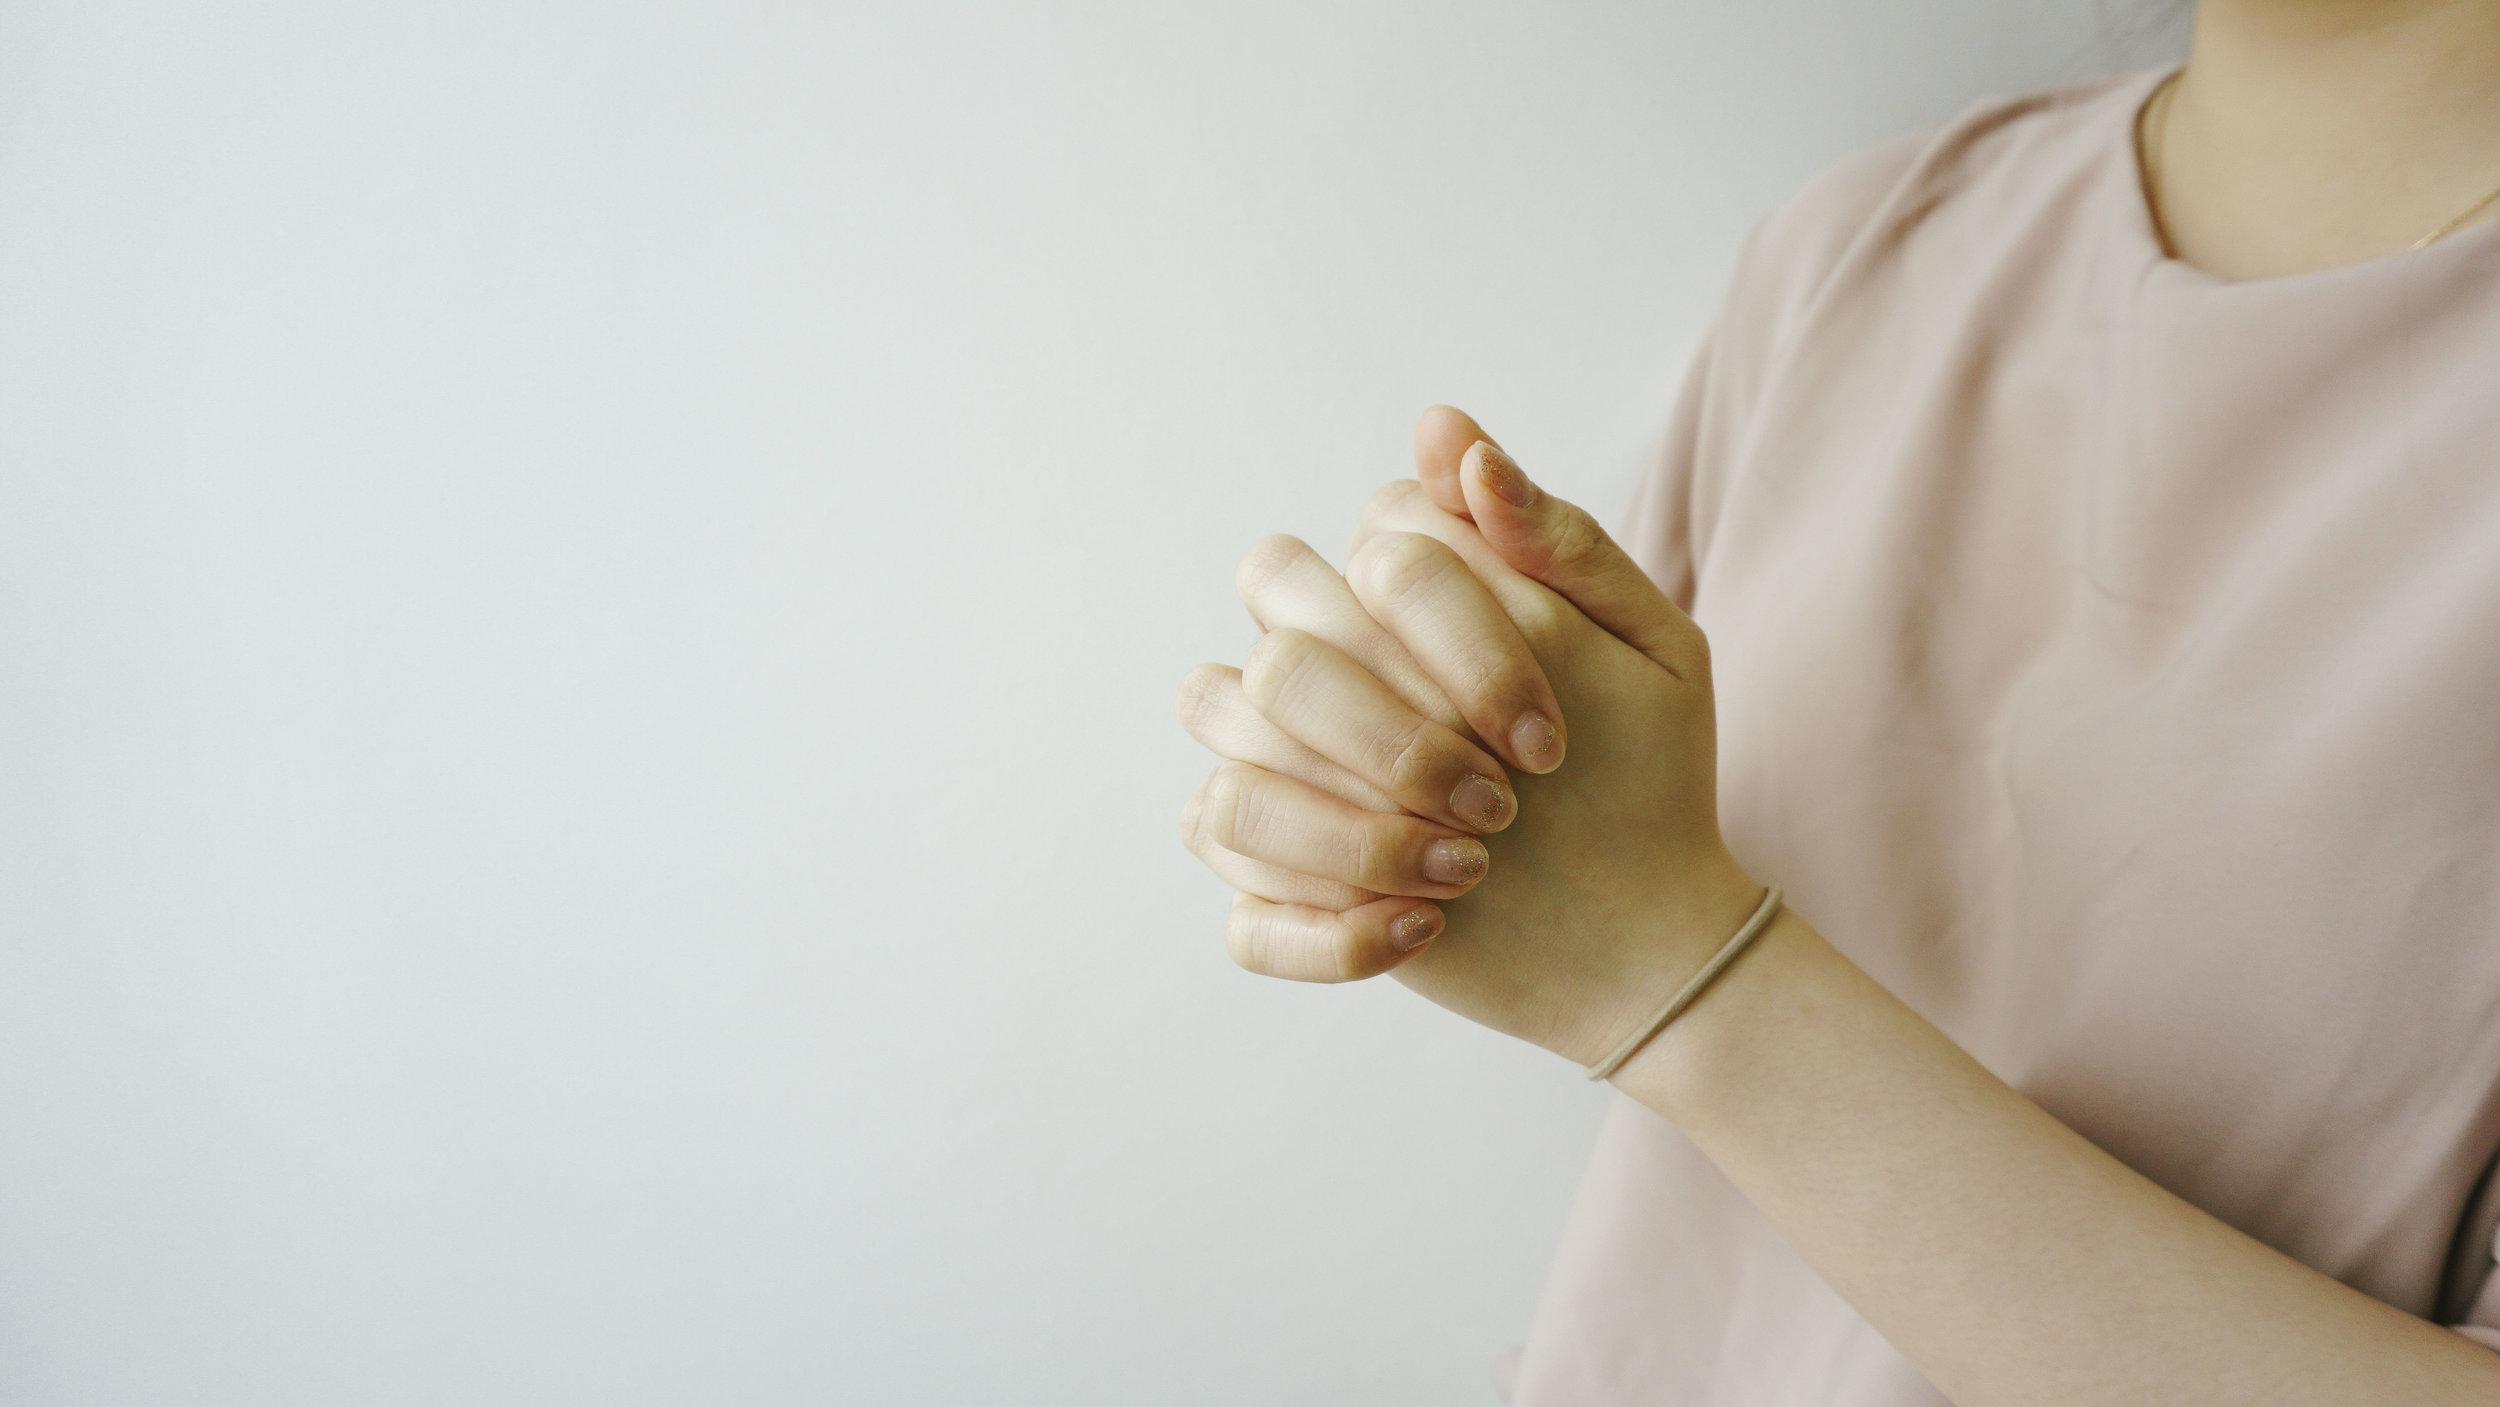 Praying hands at NCC